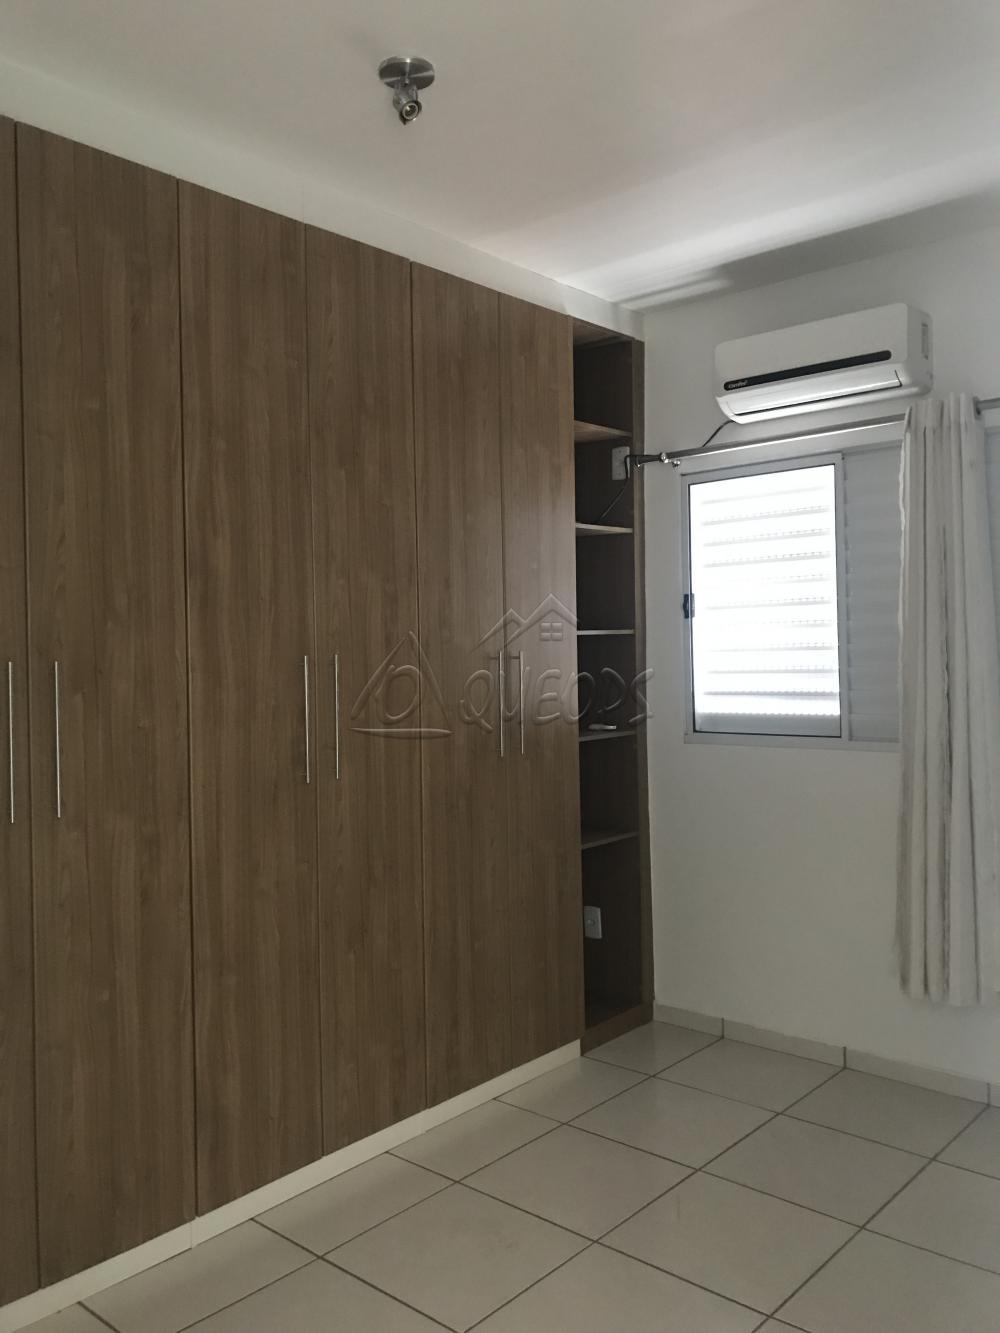 Comprar Apartamento / Padrão em Barretos apenas R$ 350.000,00 - Foto 11